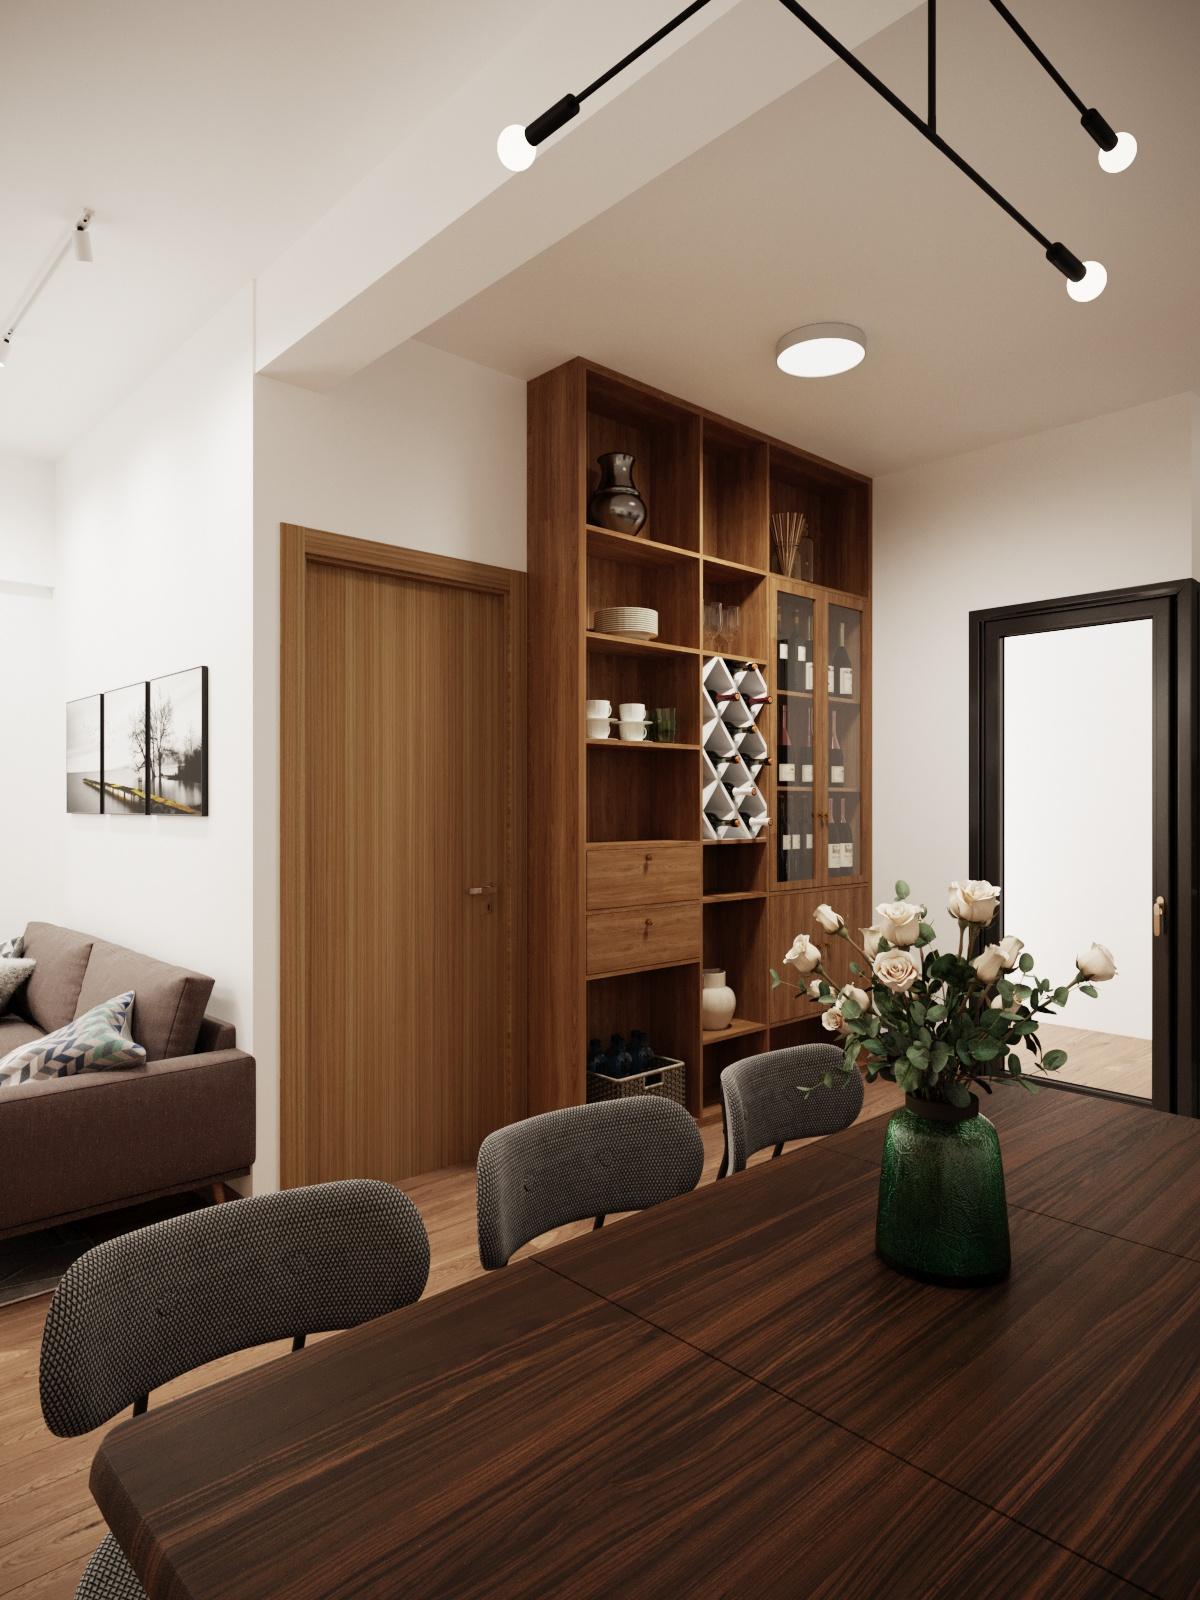 Thiết kế nội thất Chung Cư tại Hưng Yên ecorpark city 1582532951 6